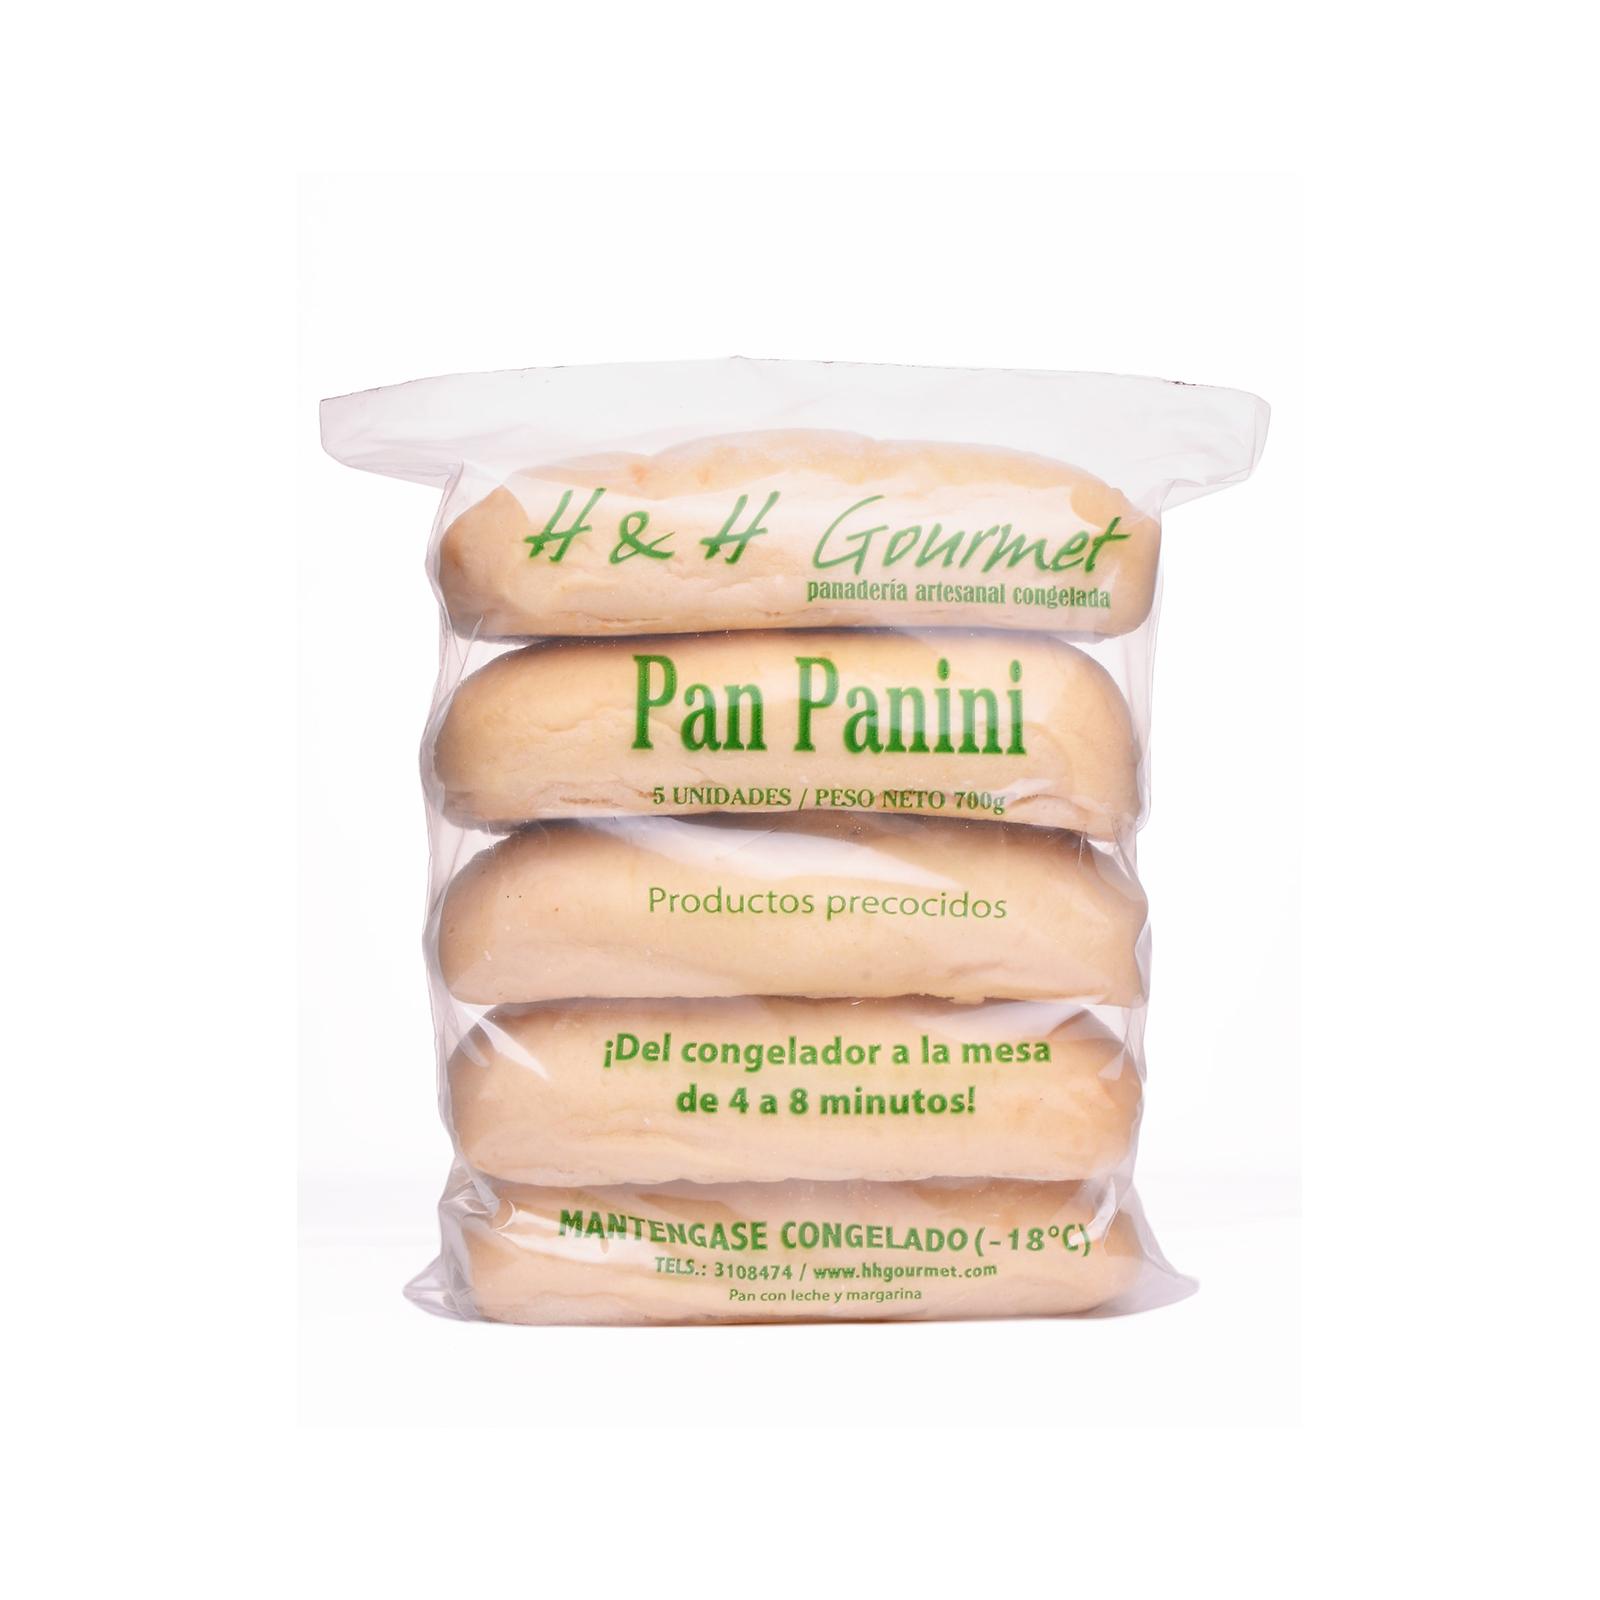 Pan Paninix H & H Gourmet